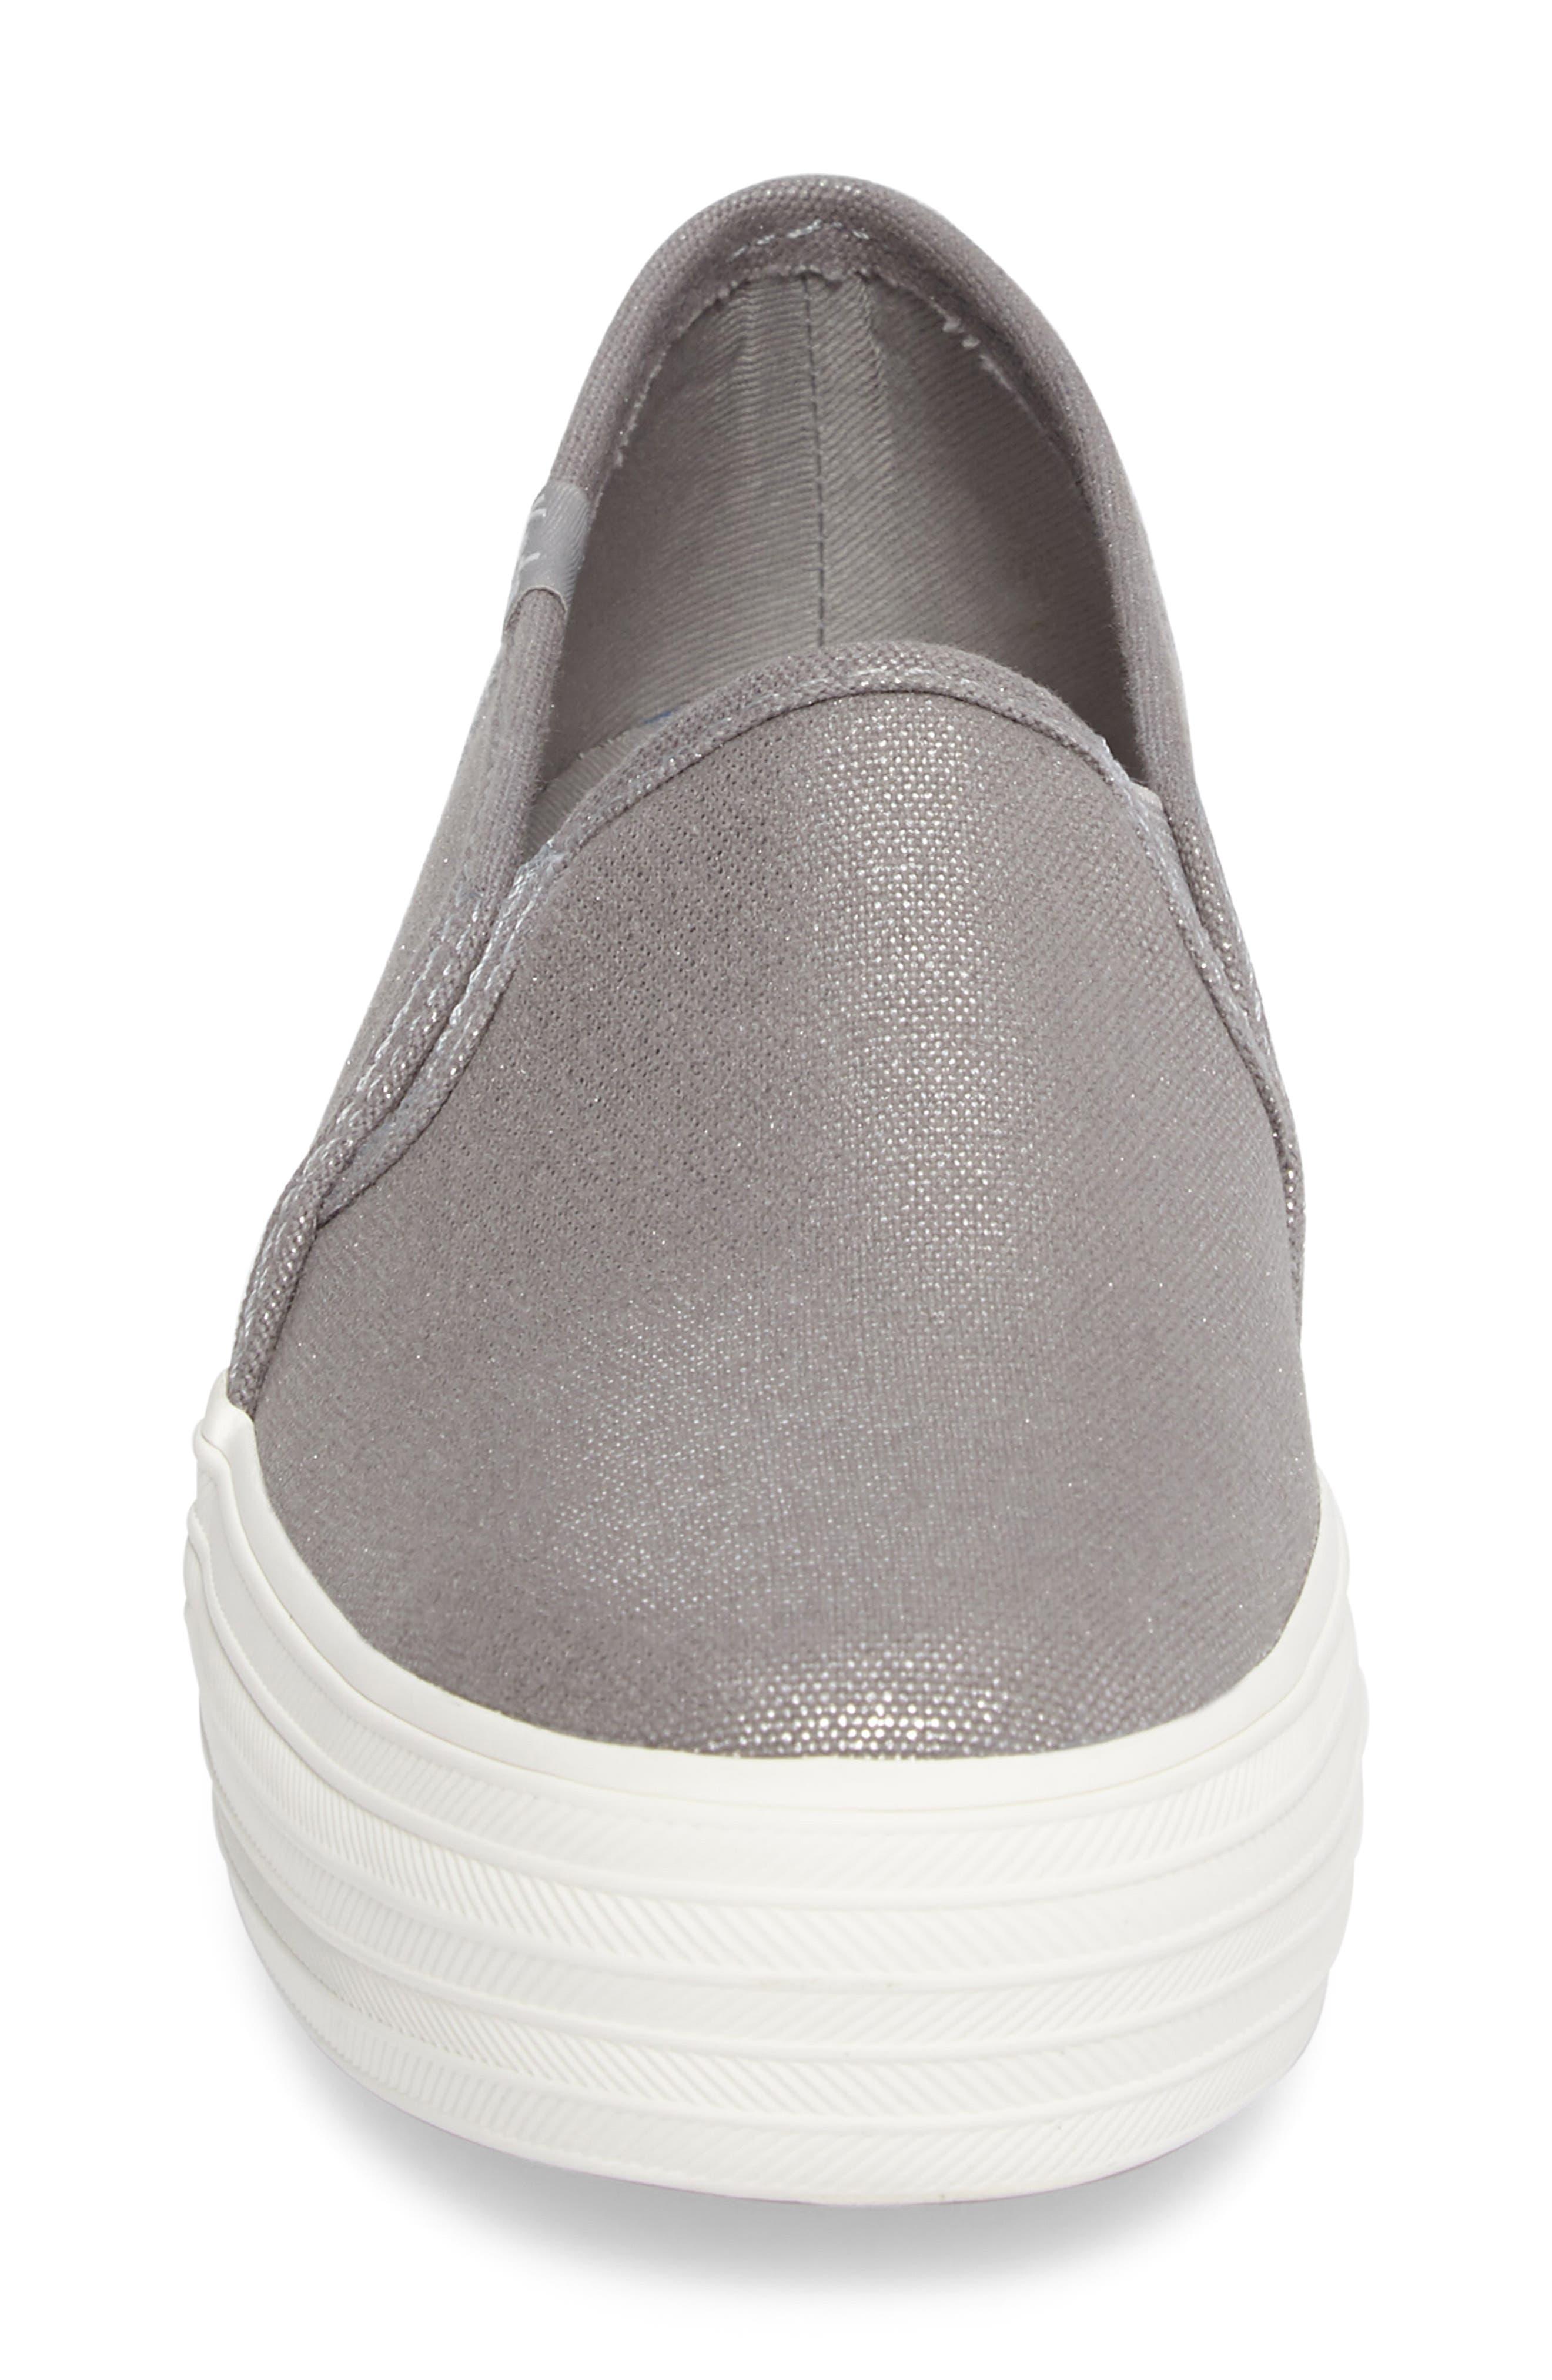 Triple Decker Slip-On Platform Sneaker,                             Alternate thumbnail 31, color,